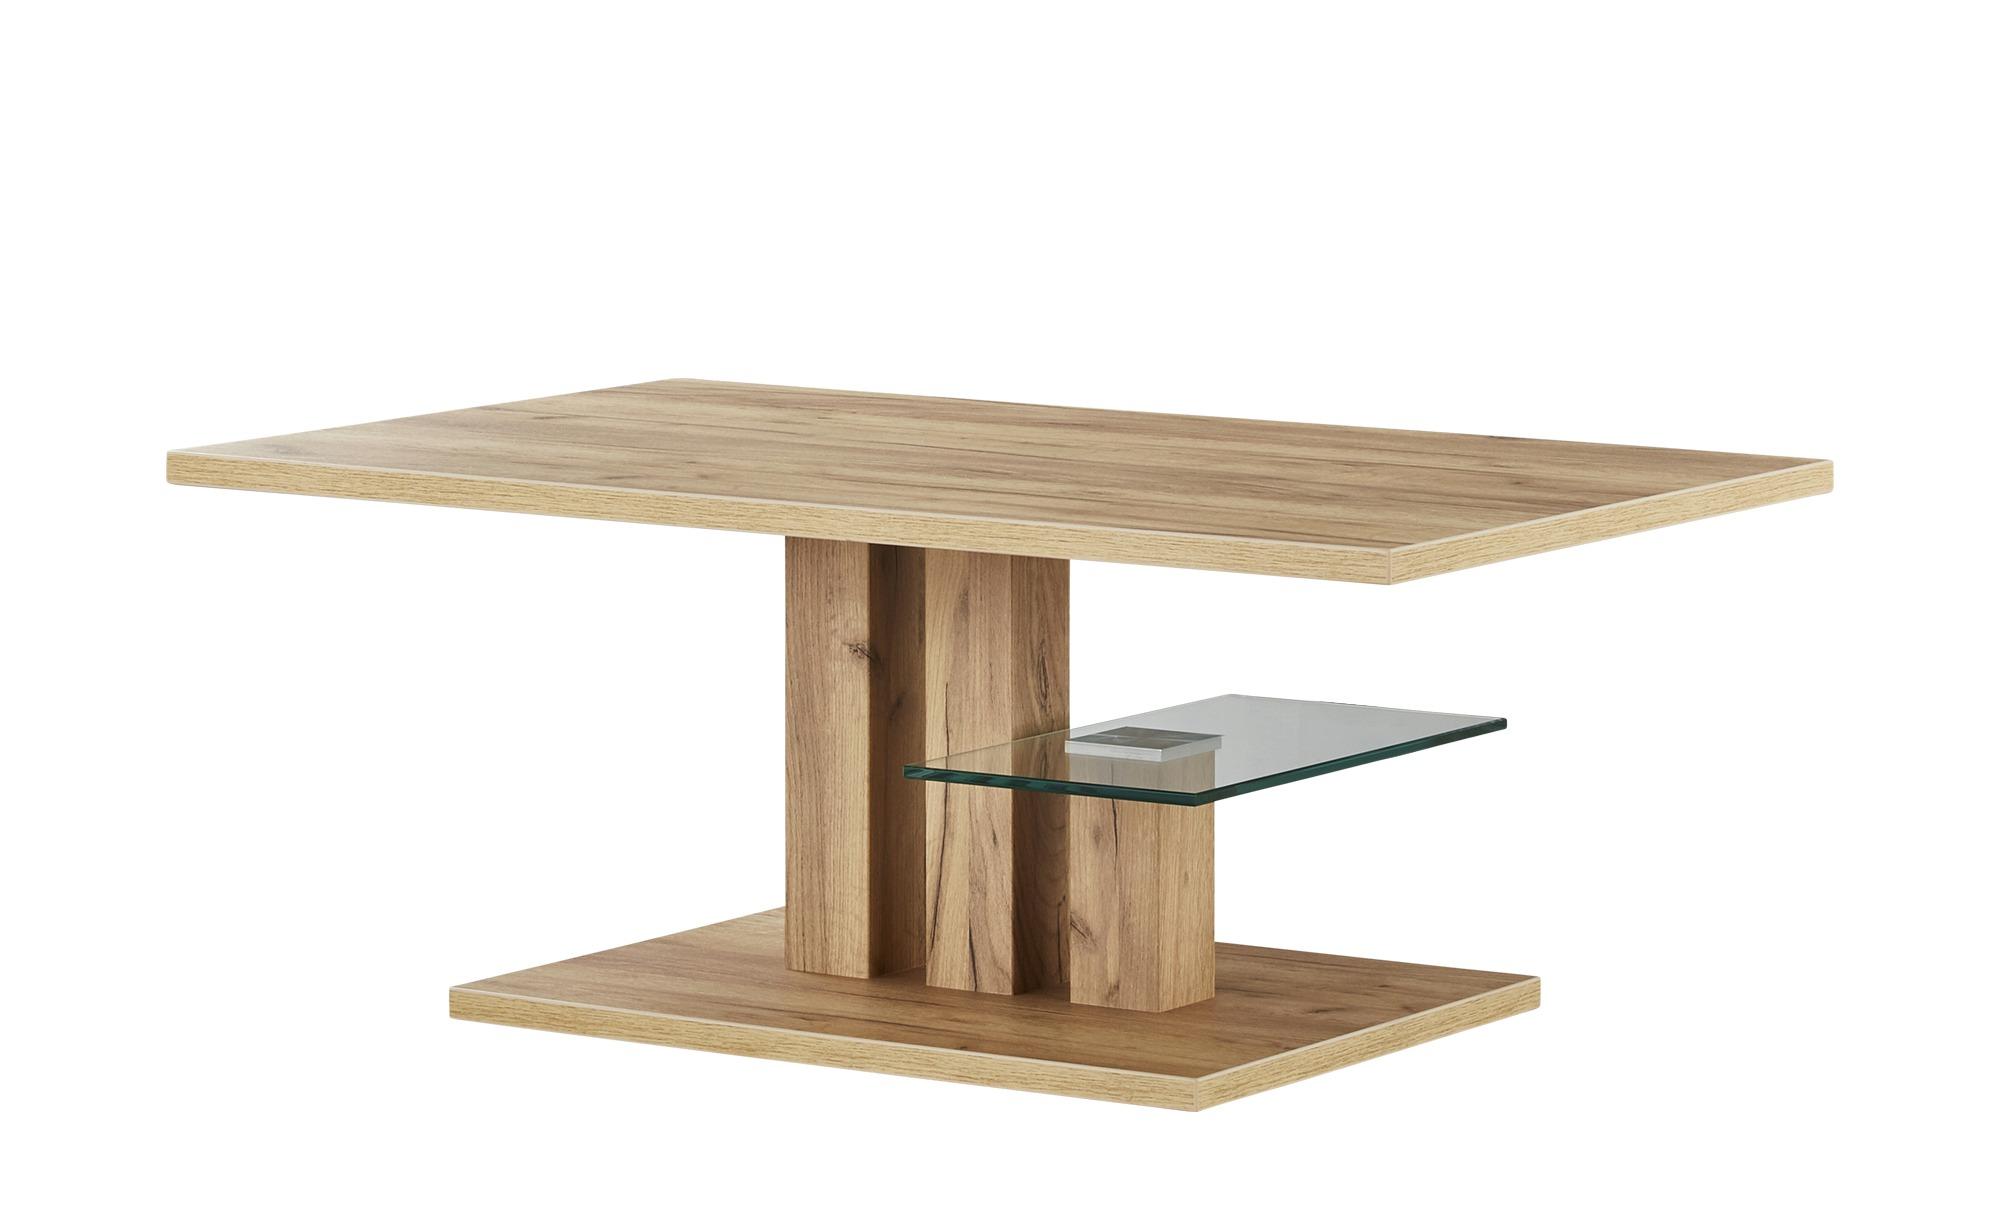 Couchtisch  Cortina ¦ holzfarben ¦ Maße (cm): B: 70 H: 44 T: 70 Tische > Couchtische > Couchtische rechteckig - Höffner